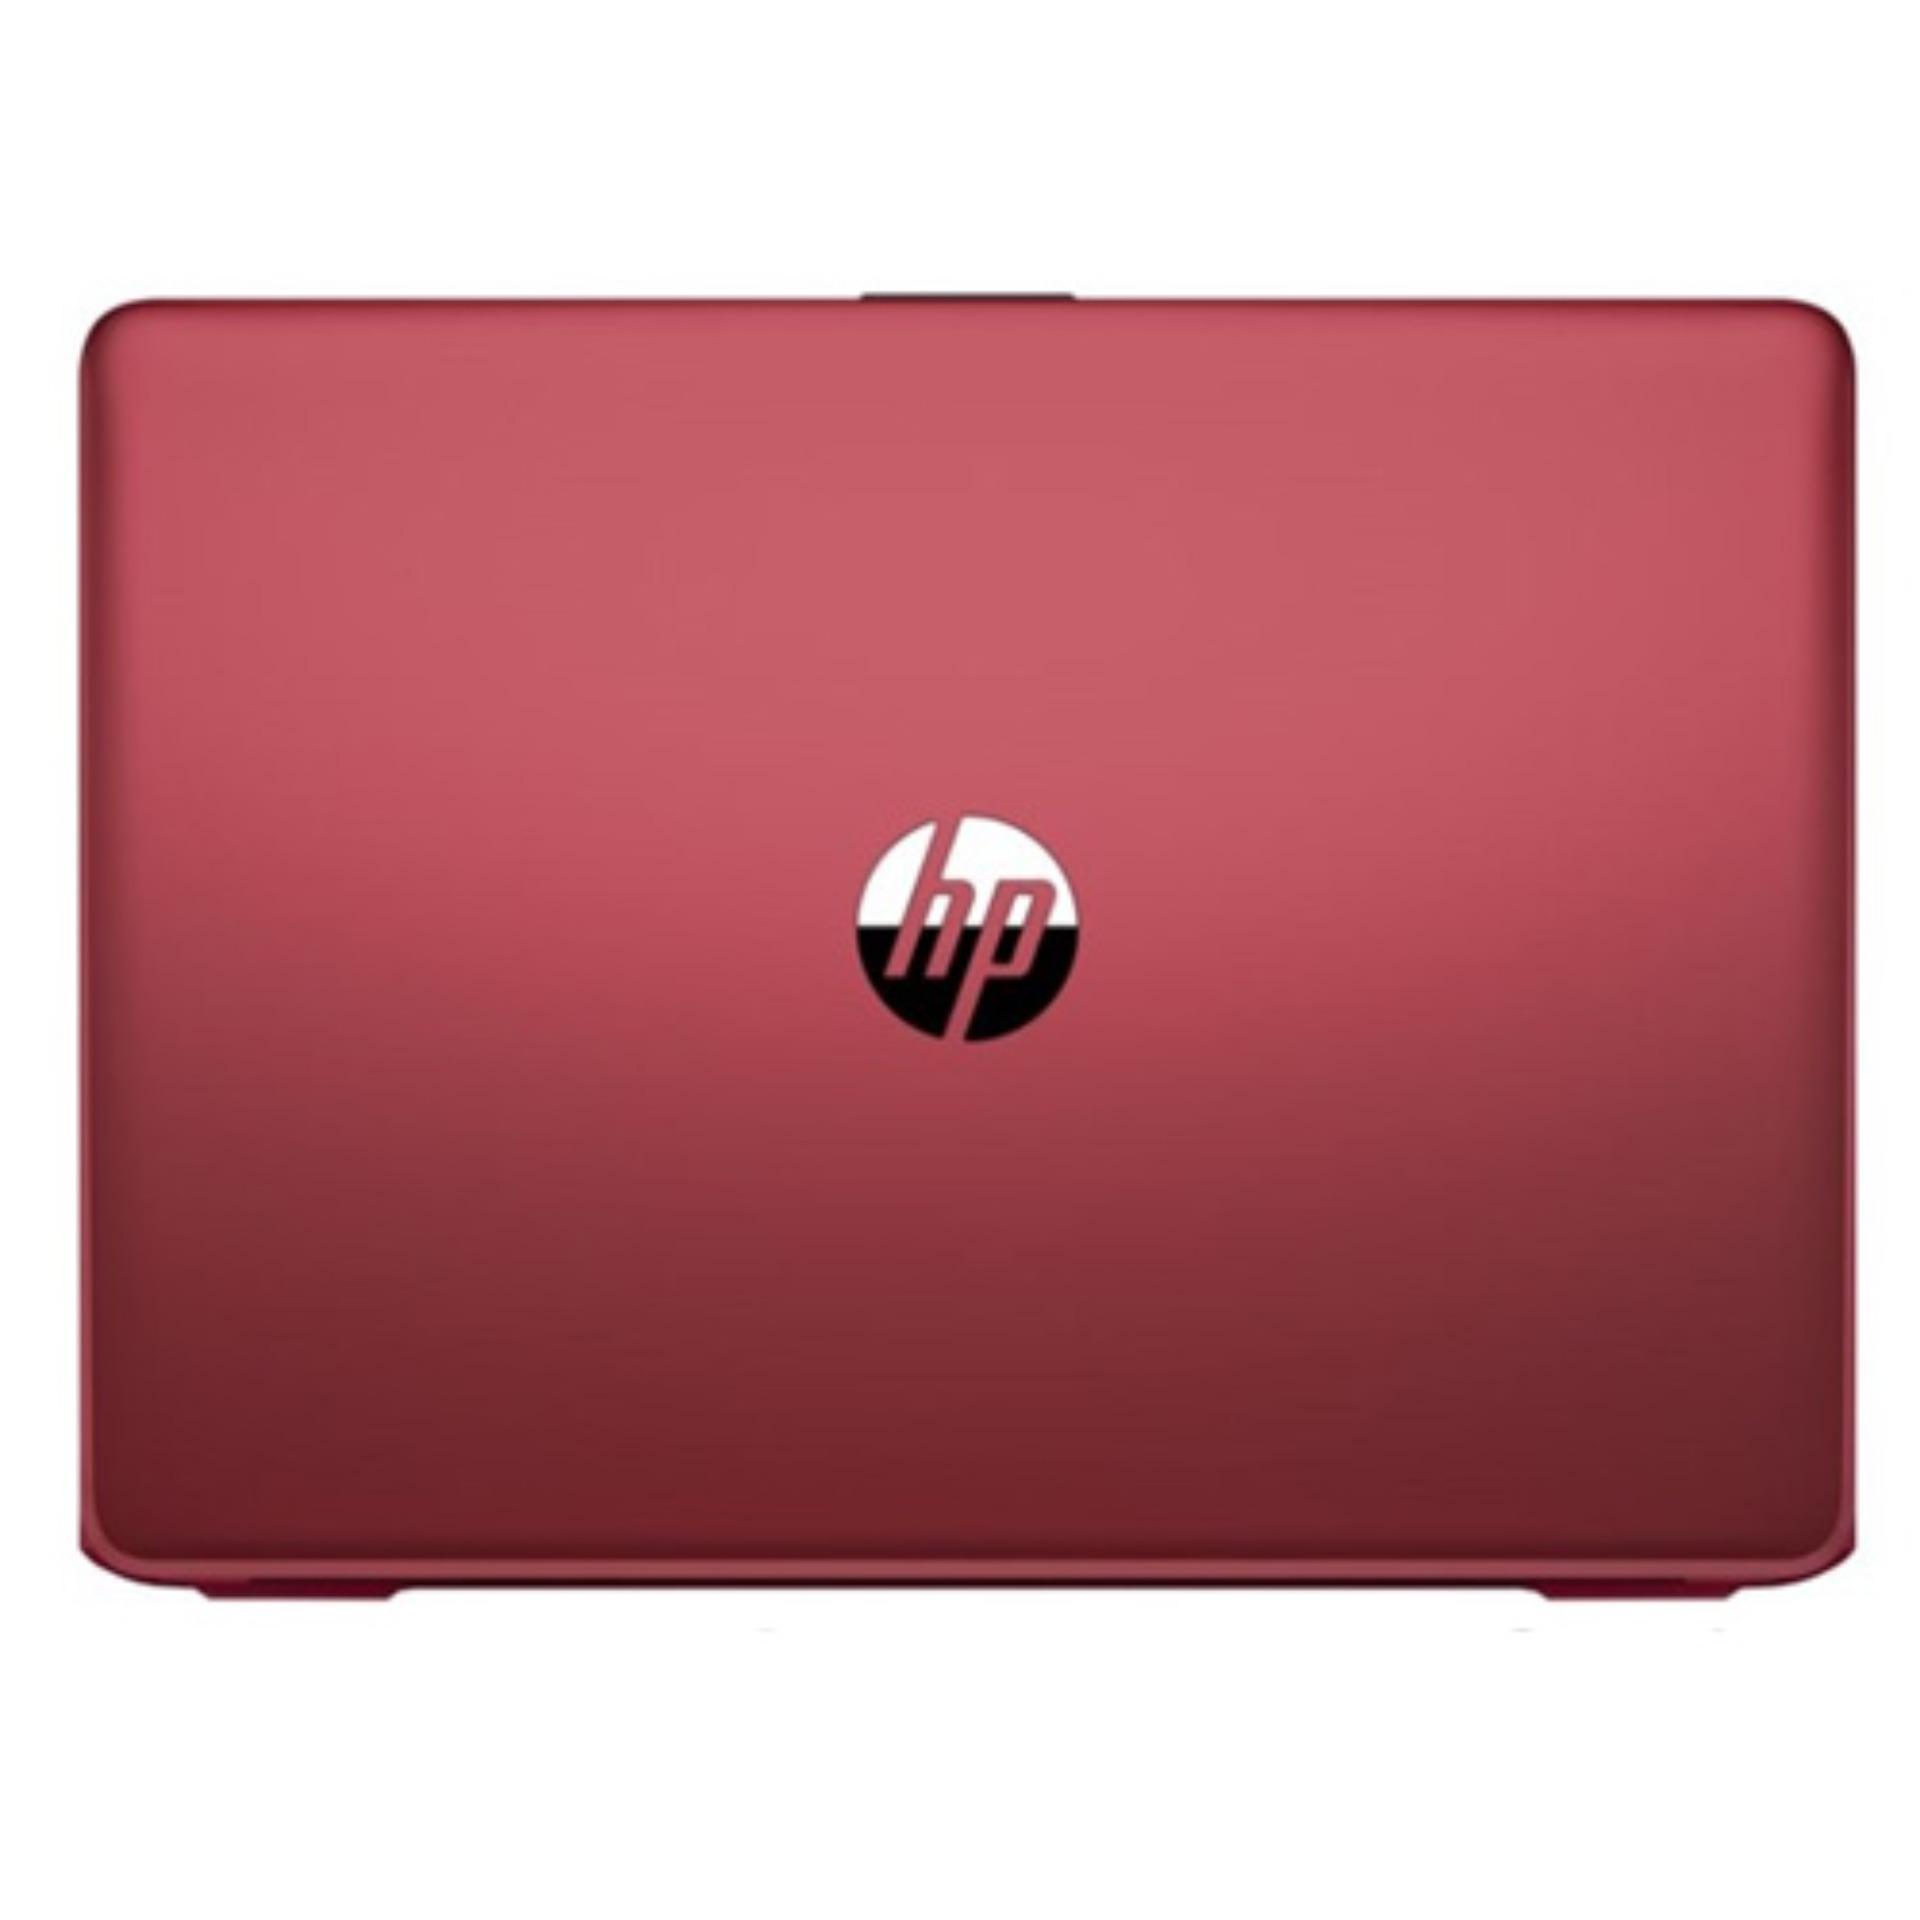 Features Hp 14 Bw012au Red Amda6 9220 4gb 500gb Dos 1yr Dan Harga Laptop Bw011au